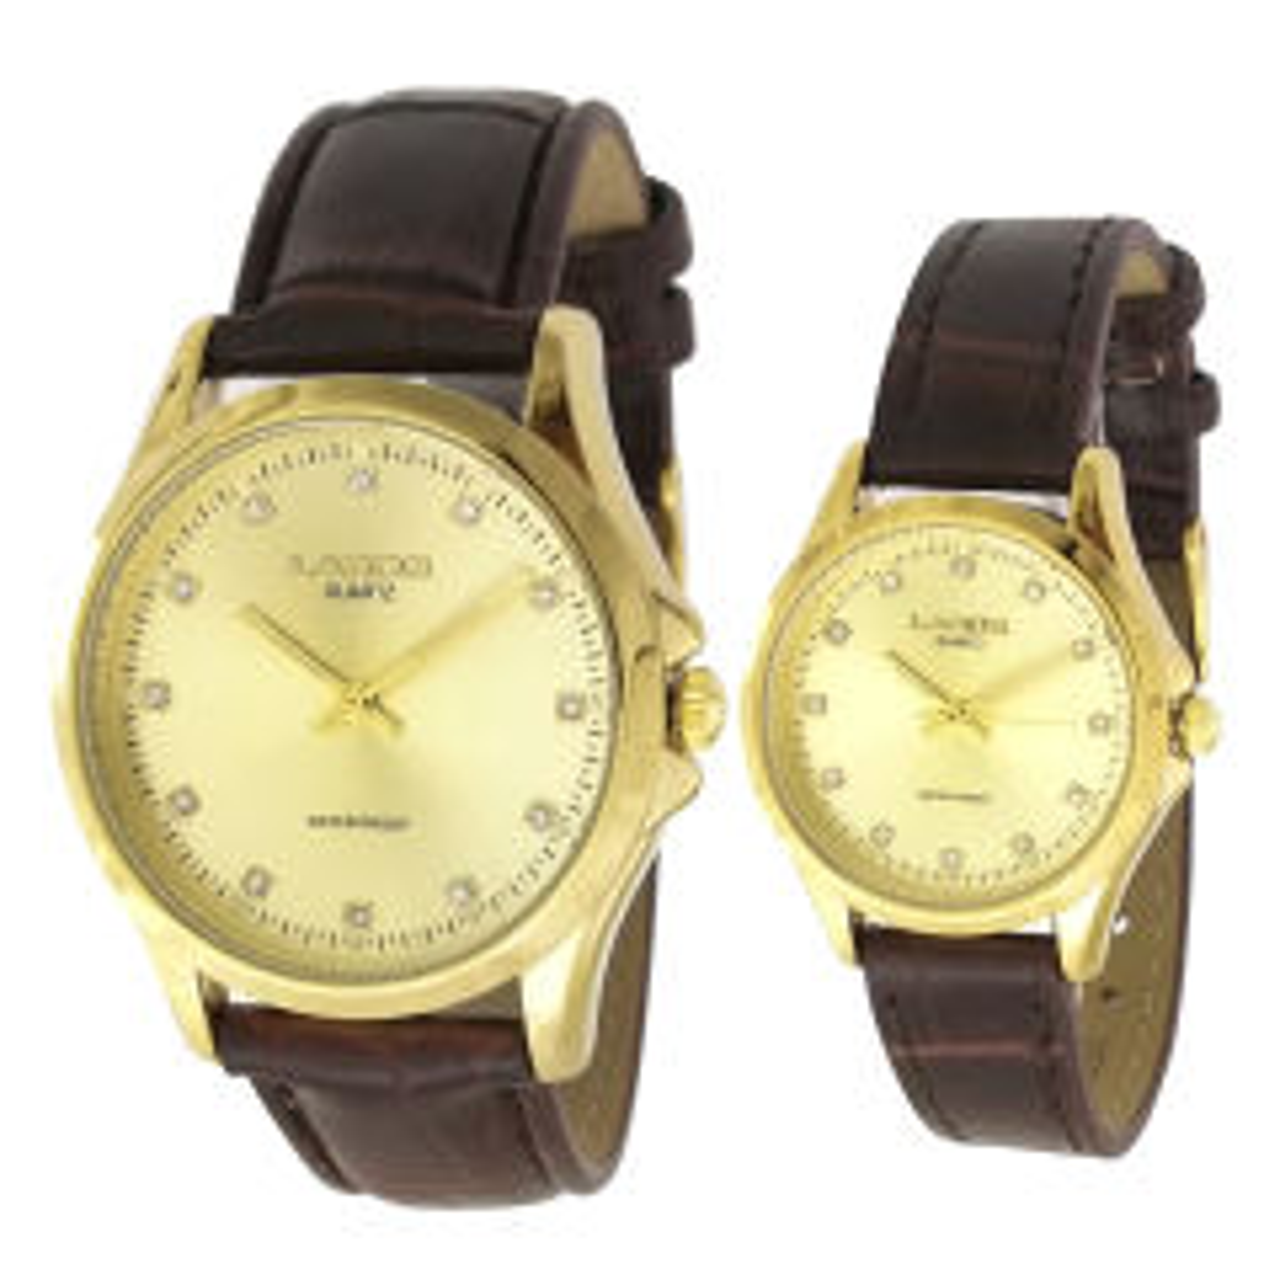 ست ساعت مچی عقربه ای زنانه مردانه لاروس مدل 0118-80227-s  به همراه دستمال مخصوص برند کلین واچ 15